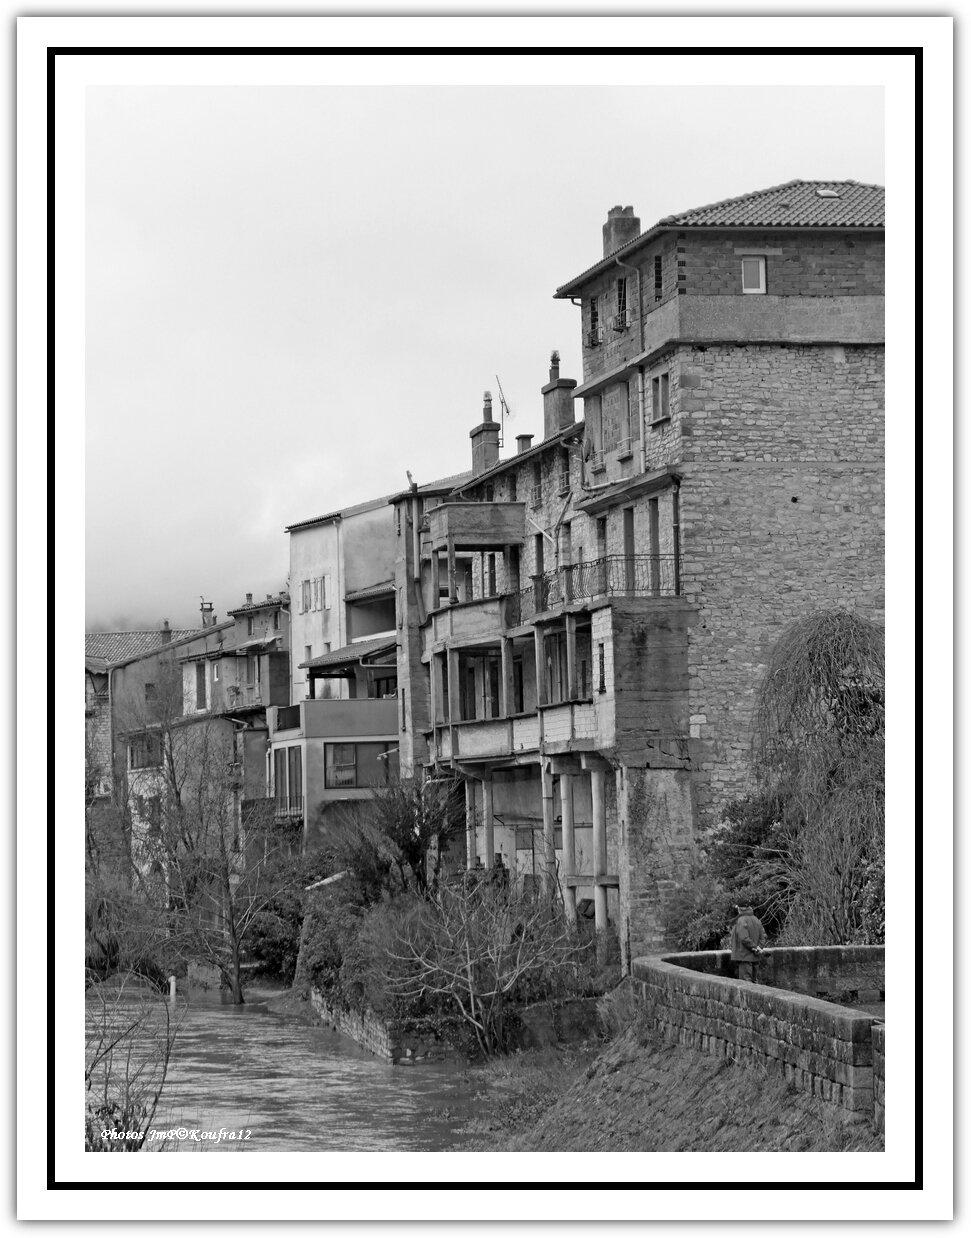 aPhotos JMP©Koufra 12 - Millau - 09012018 - 011